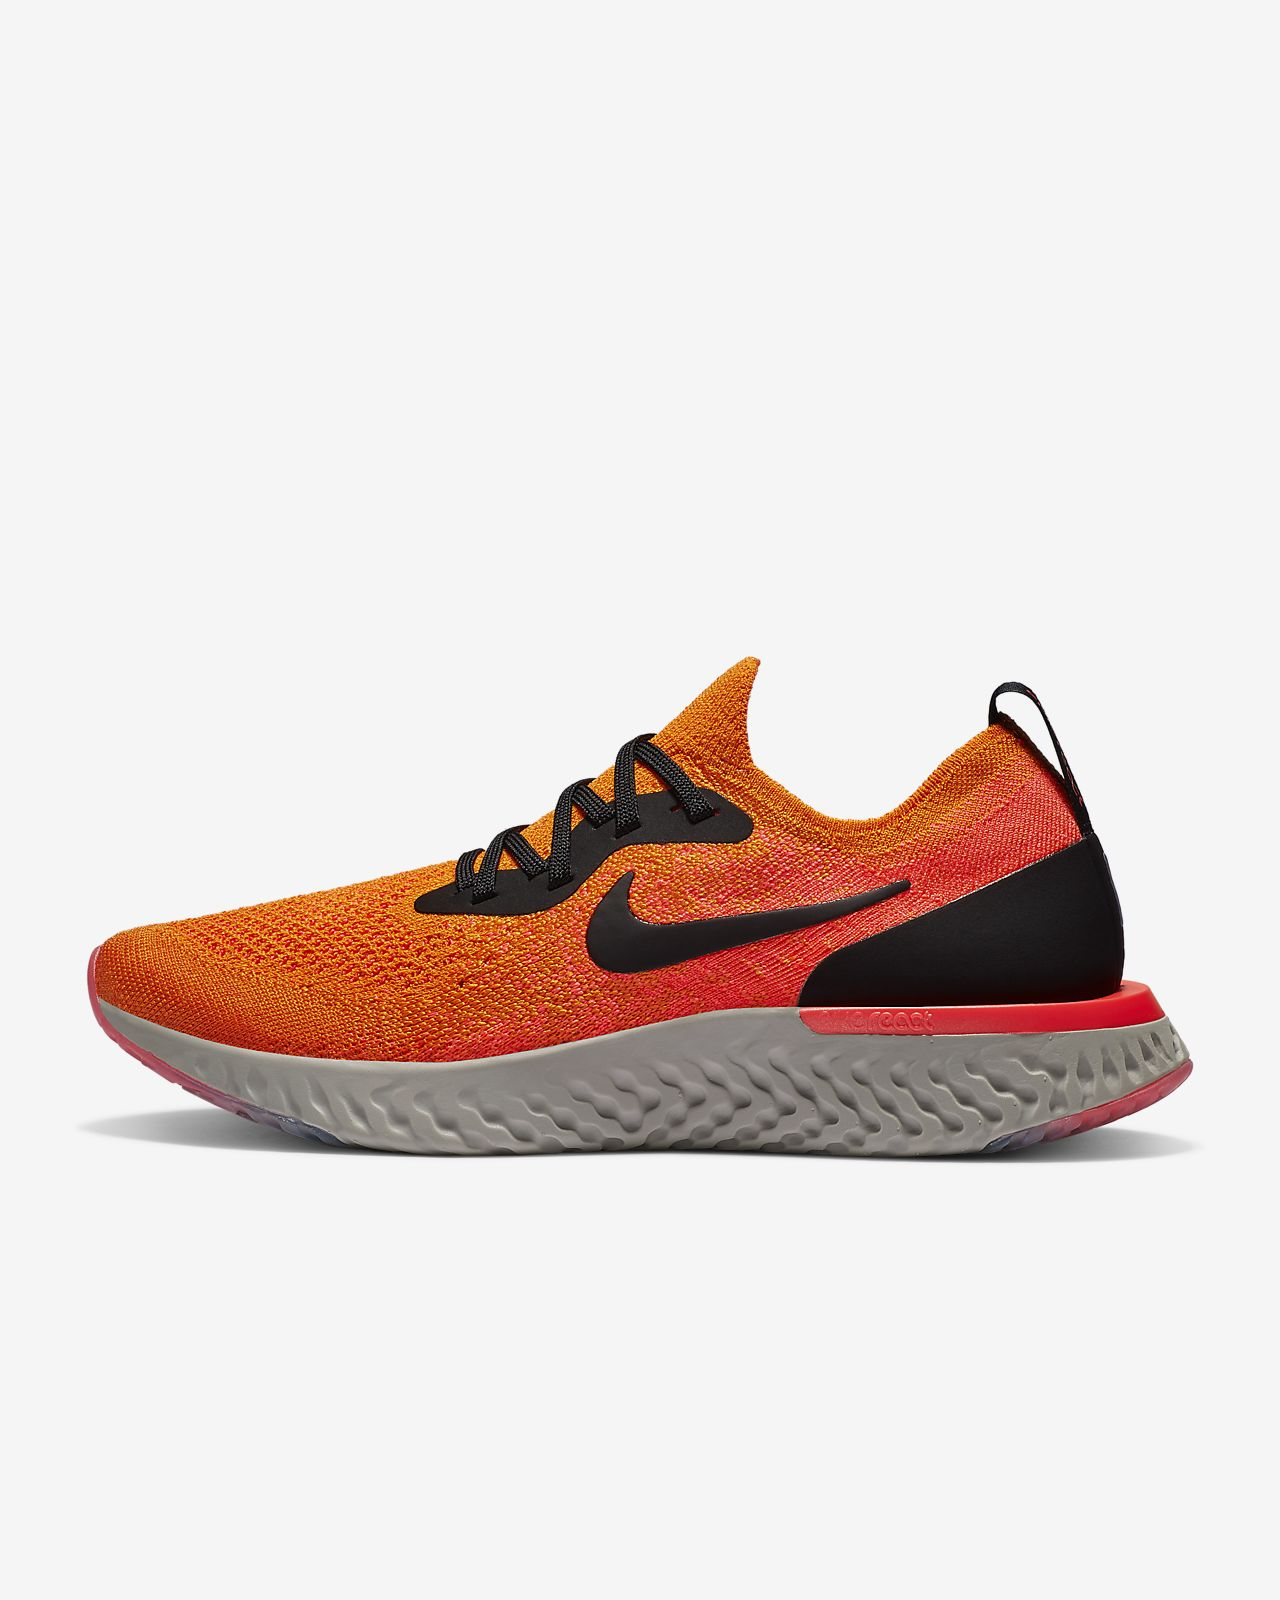 cf07321ebd4e Nike Epic React Flyknit 1 Women s Running Shoe. Nike.com